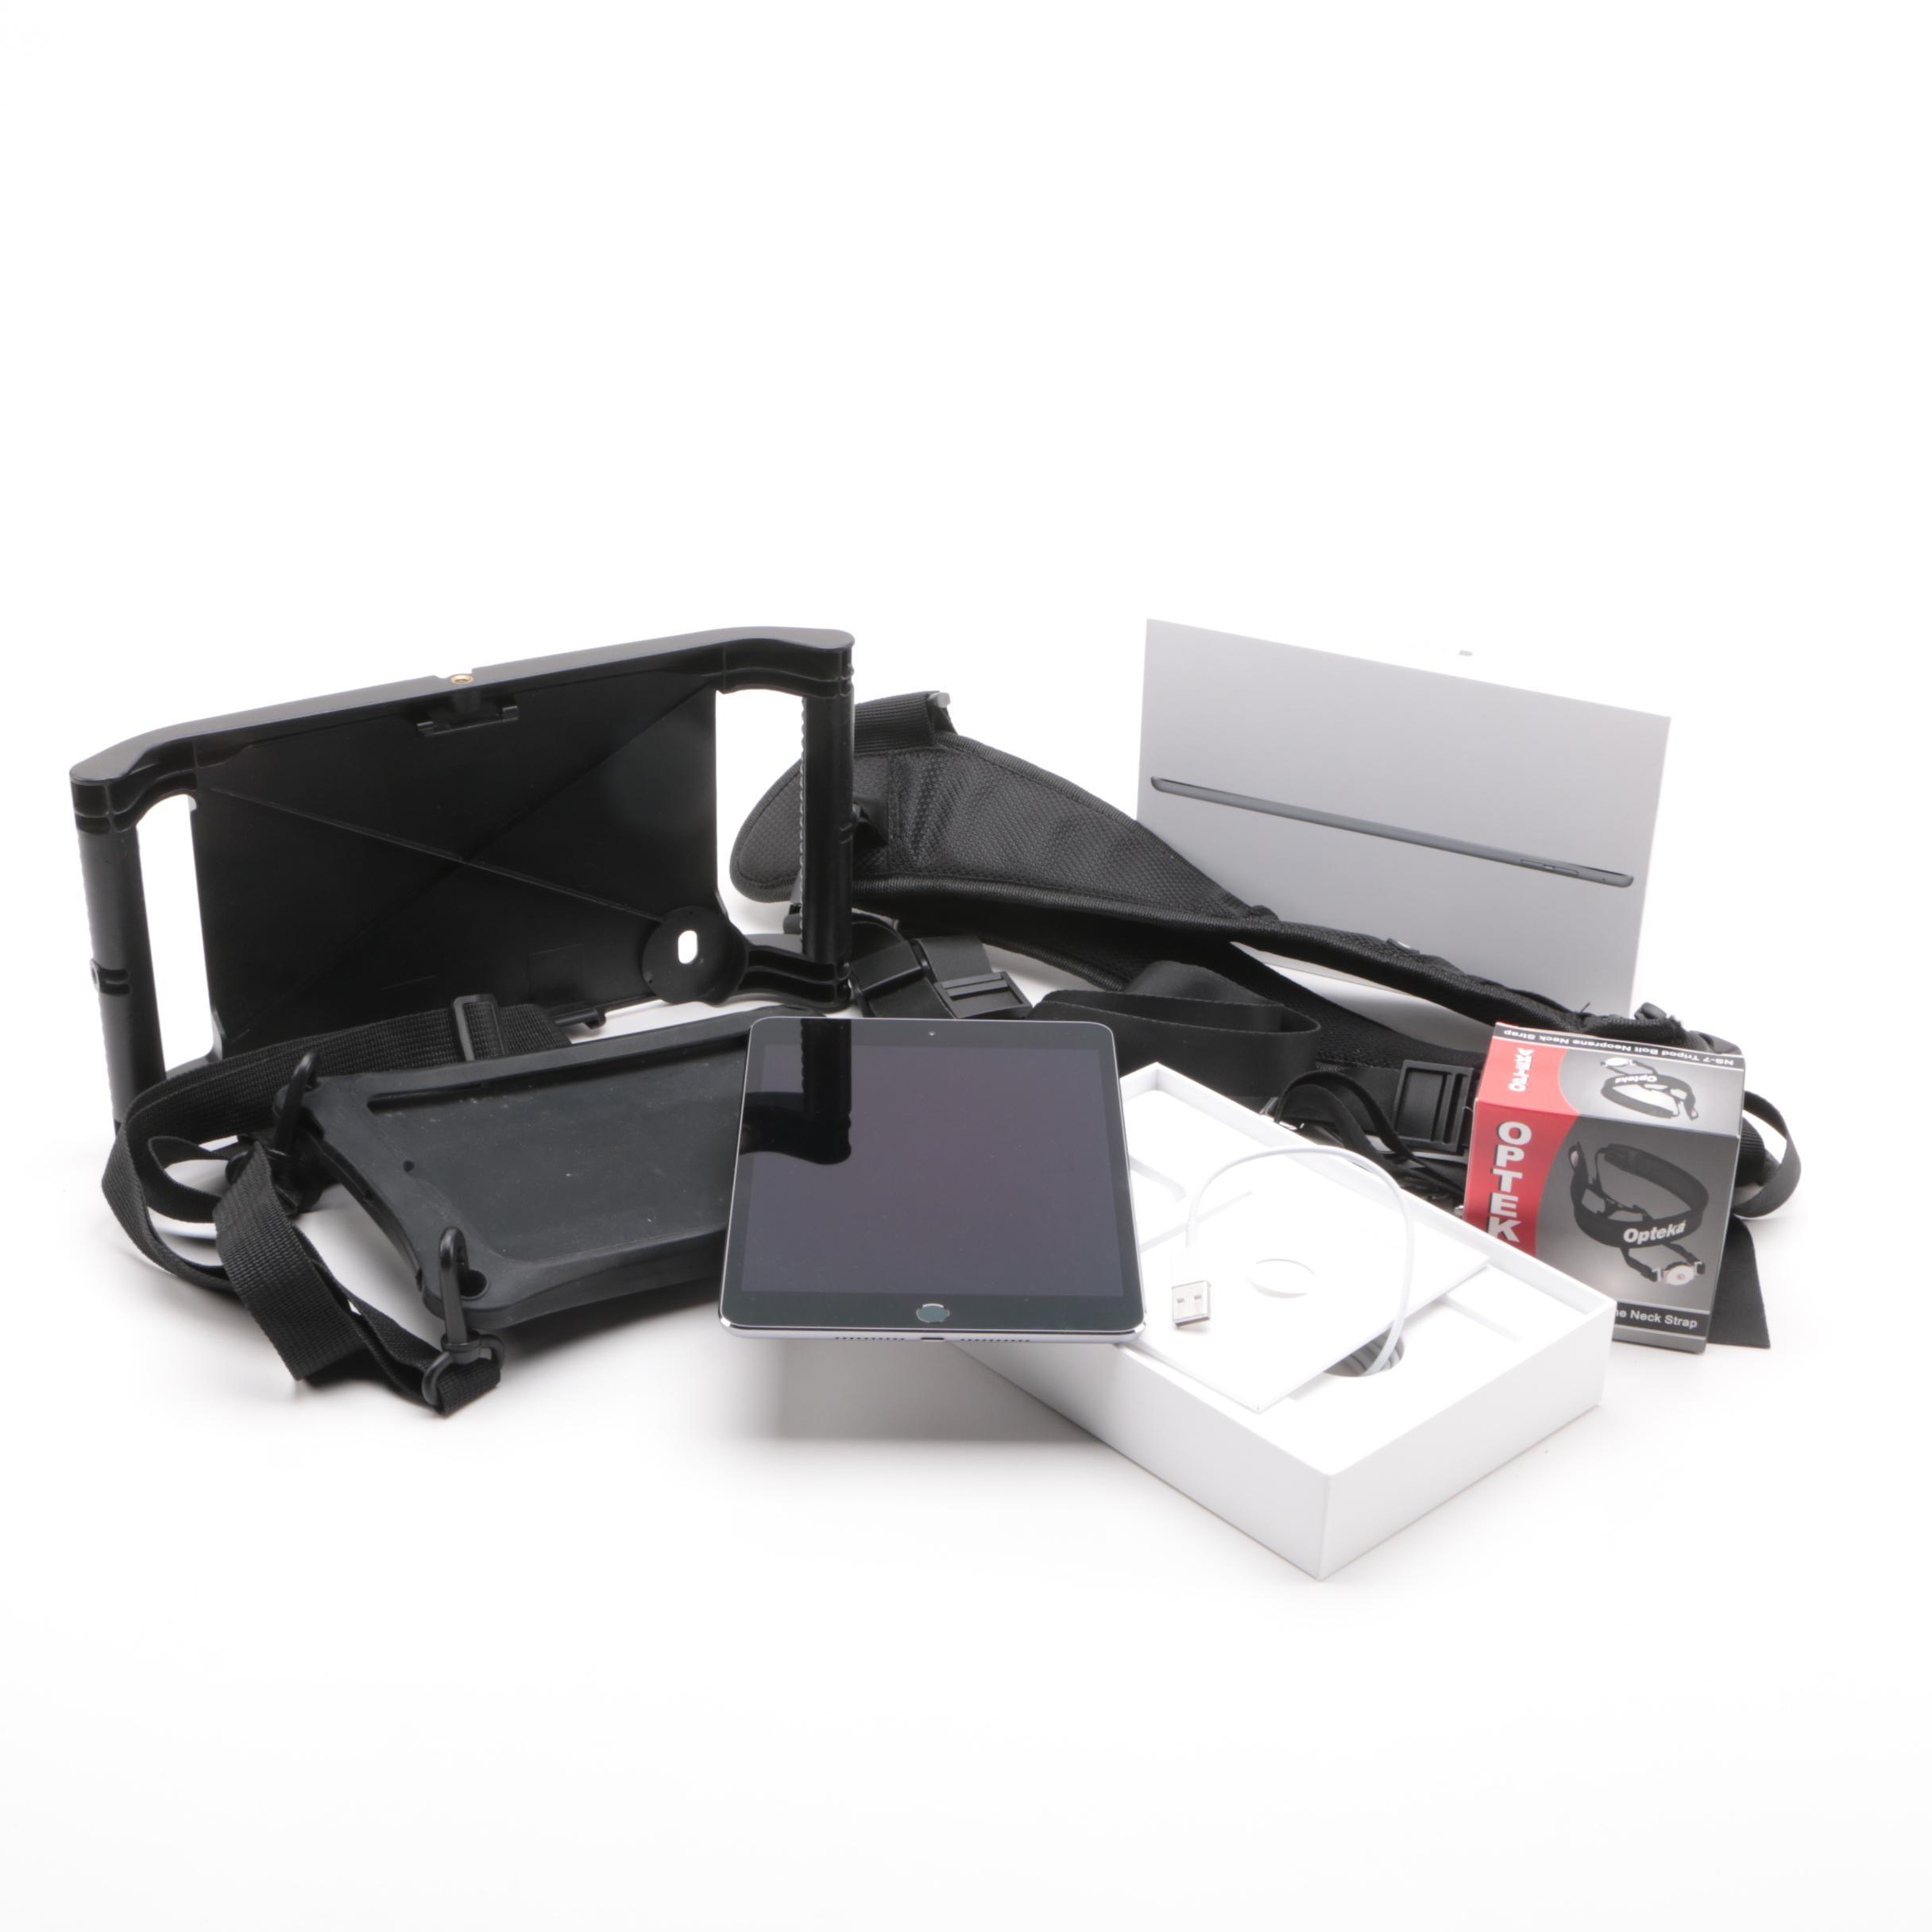 iPad mini and Accessories